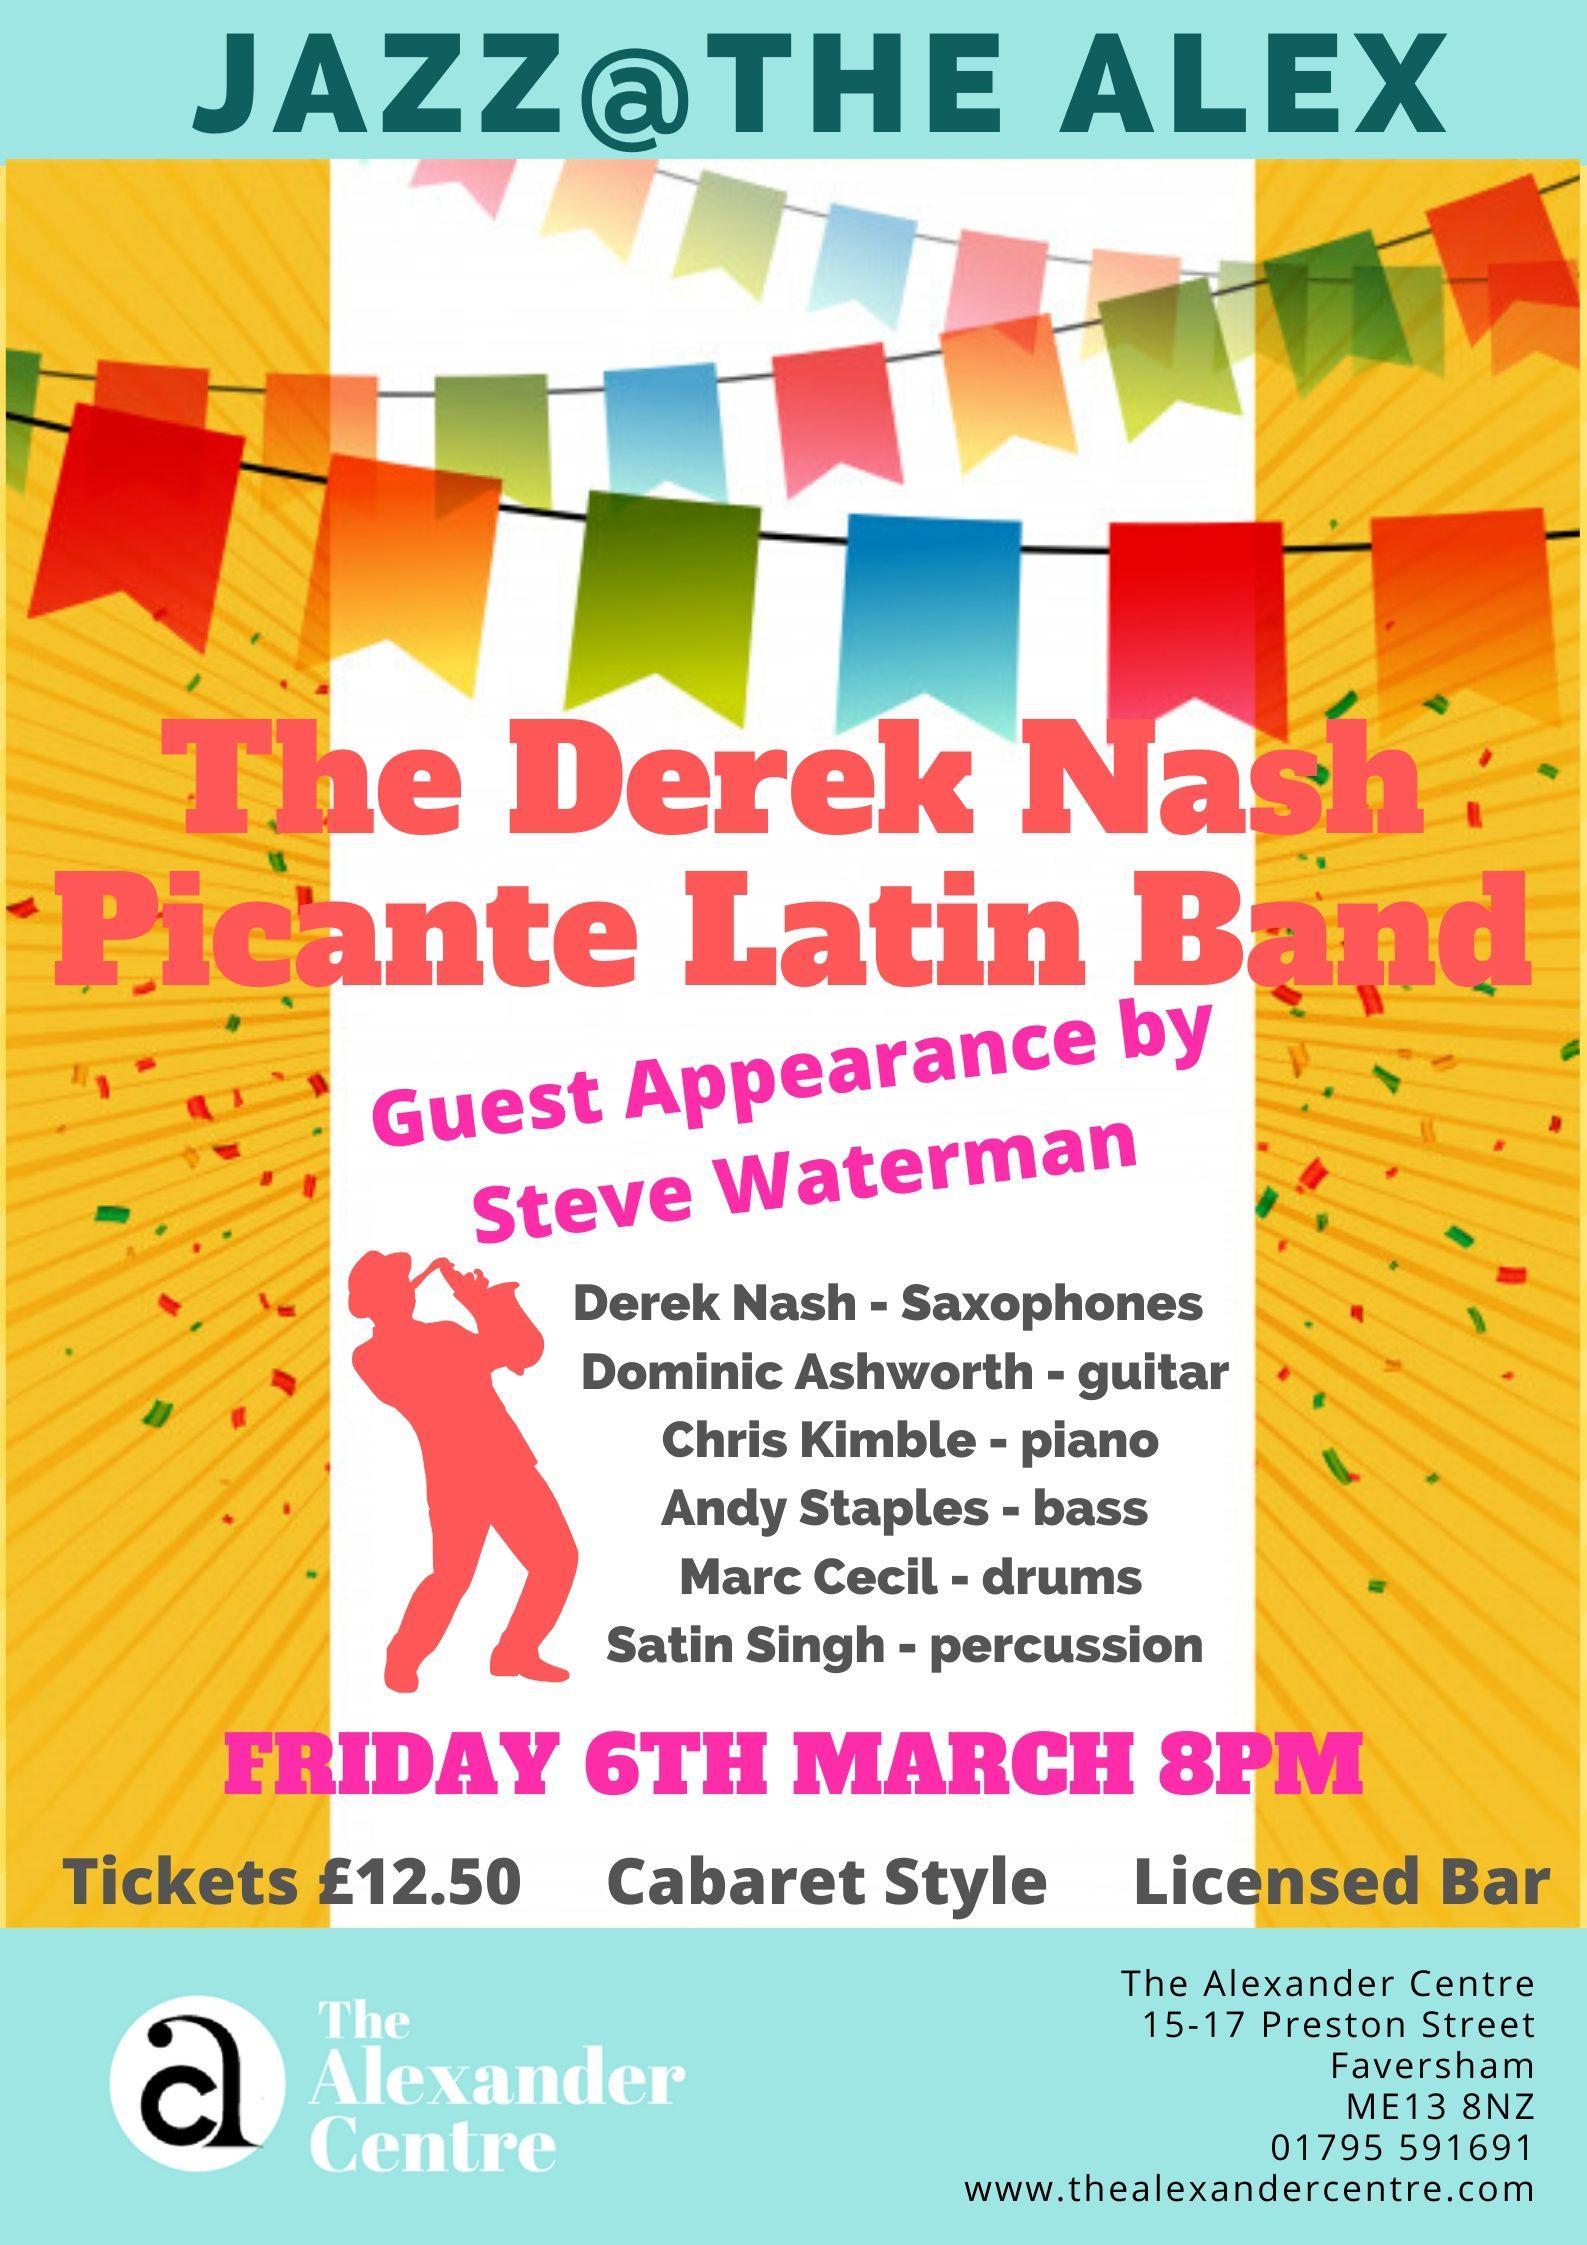 Jazz@theAlex: The Derek Nash Picante Latin Band